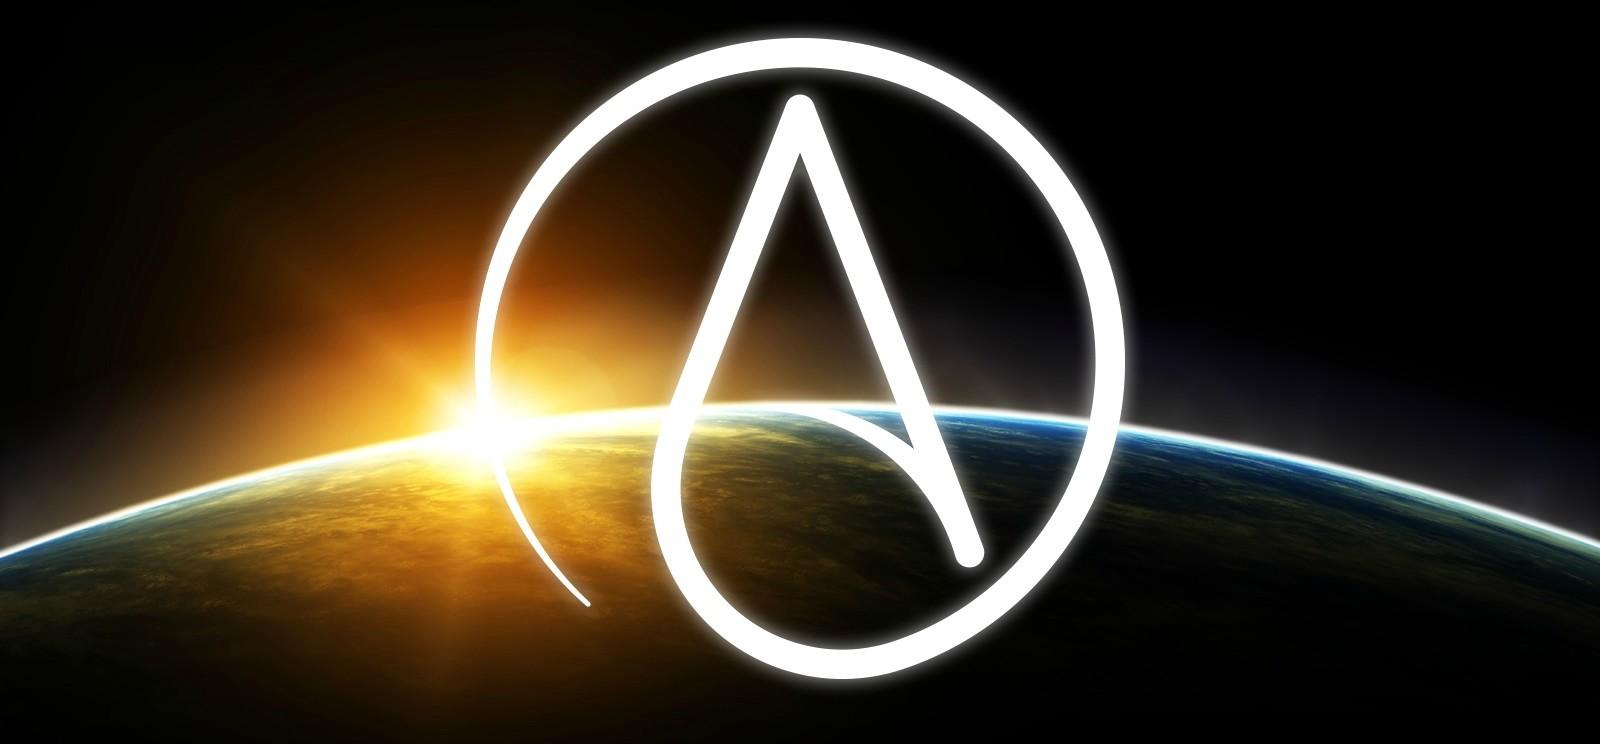 ხუთი შეკითხვა ათეისტს